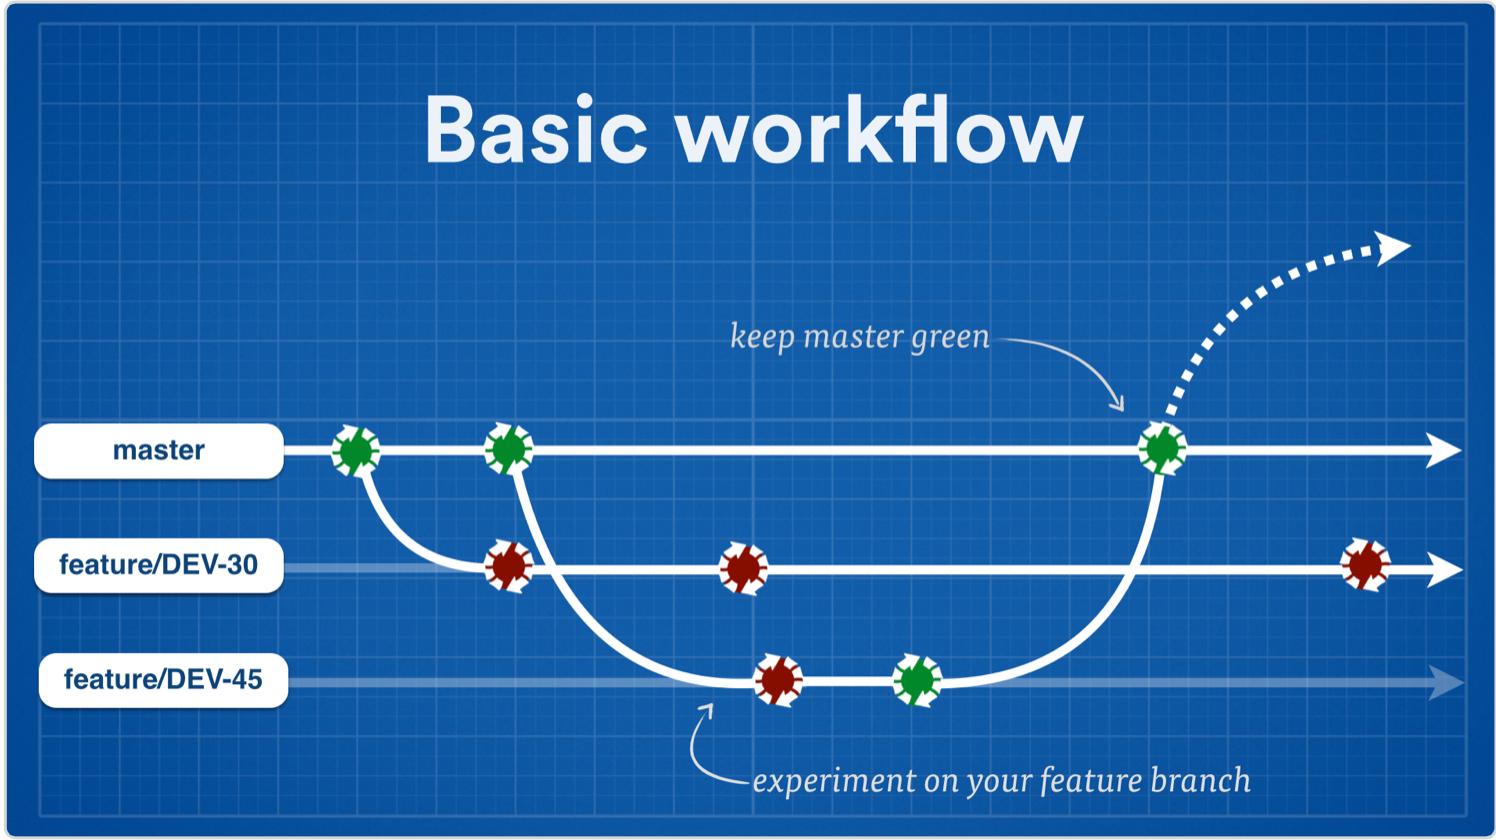 Basic workflow